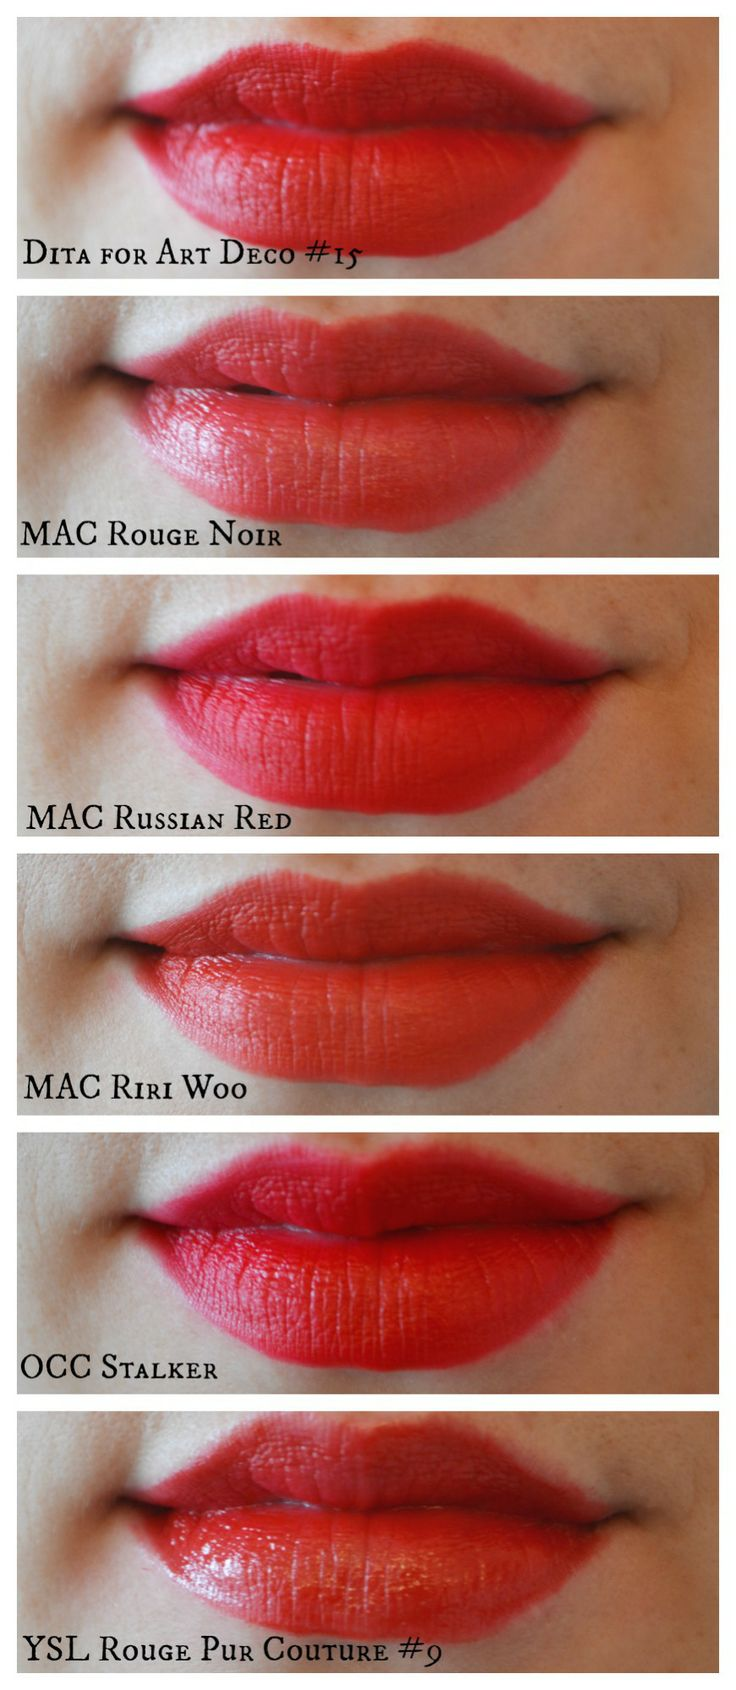 Best Red Lipsticks Dita Von Teese For Art Deco 15 Mac